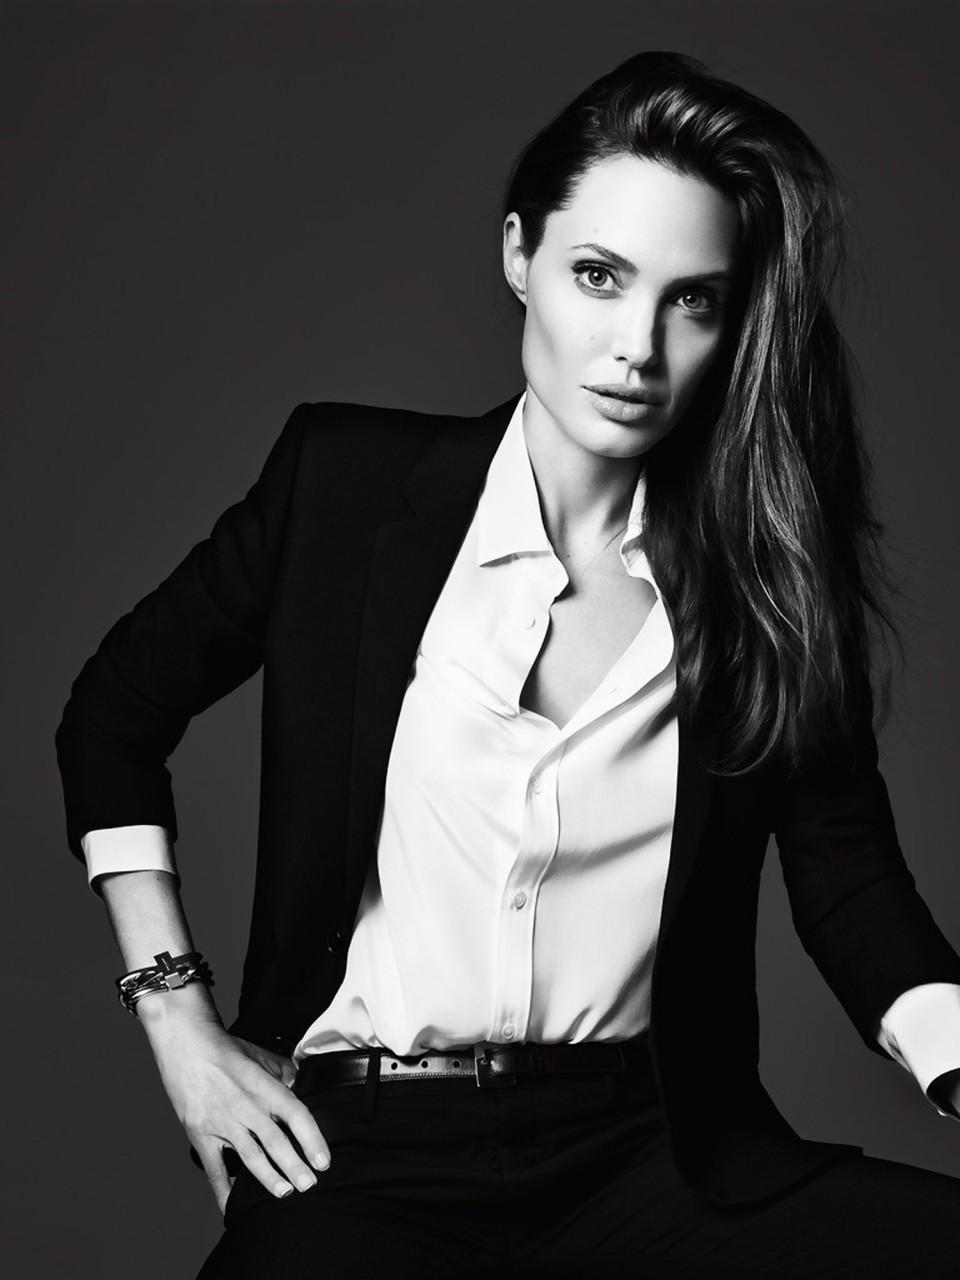 Анджелина Джоли  в фотосессии Эди Слимана для журнала ELLE US июнь 2014